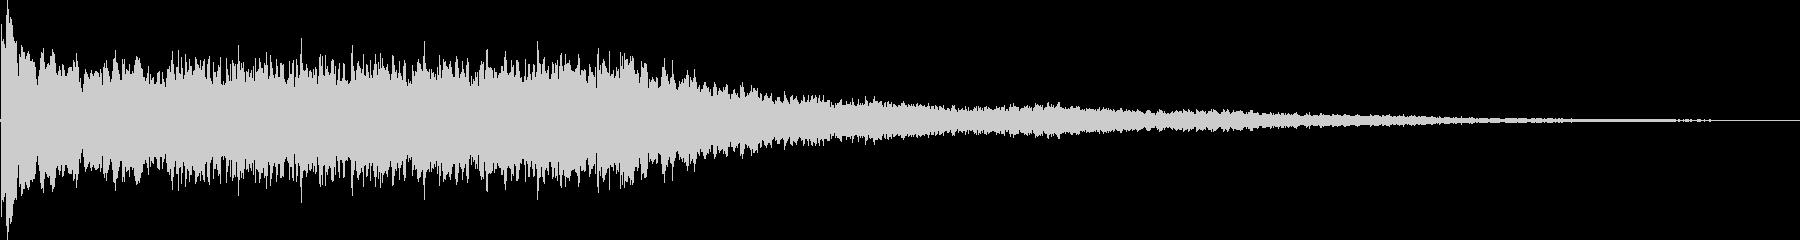 パオンパオン 電子音系 サイレン音の未再生の波形